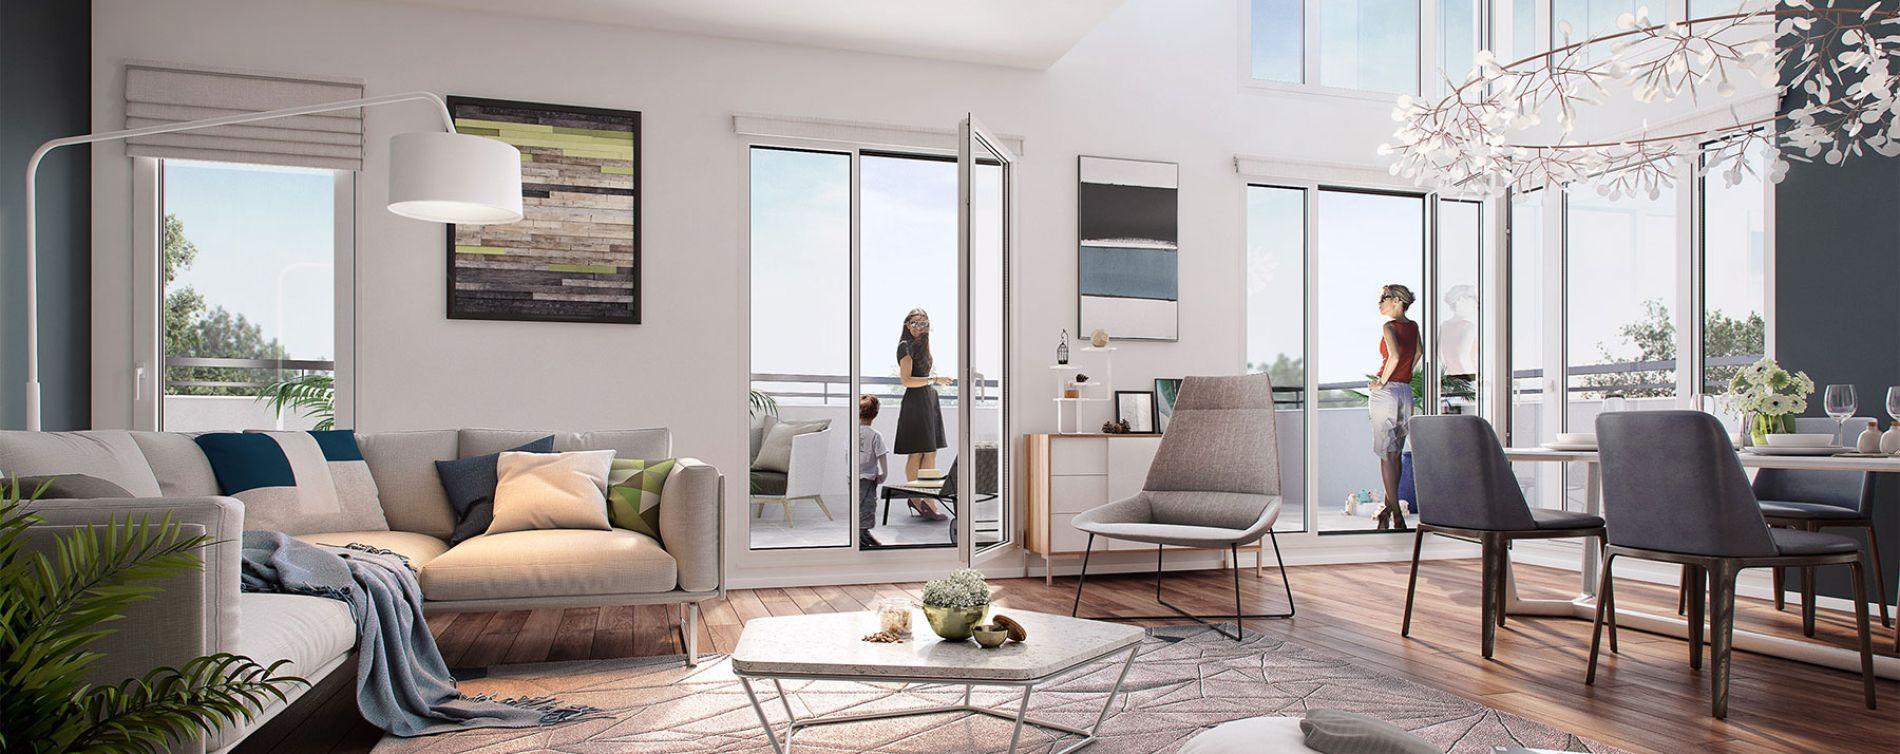 Chatou : programme immobilier neuve « Les terrasses de Renoir Pinel »